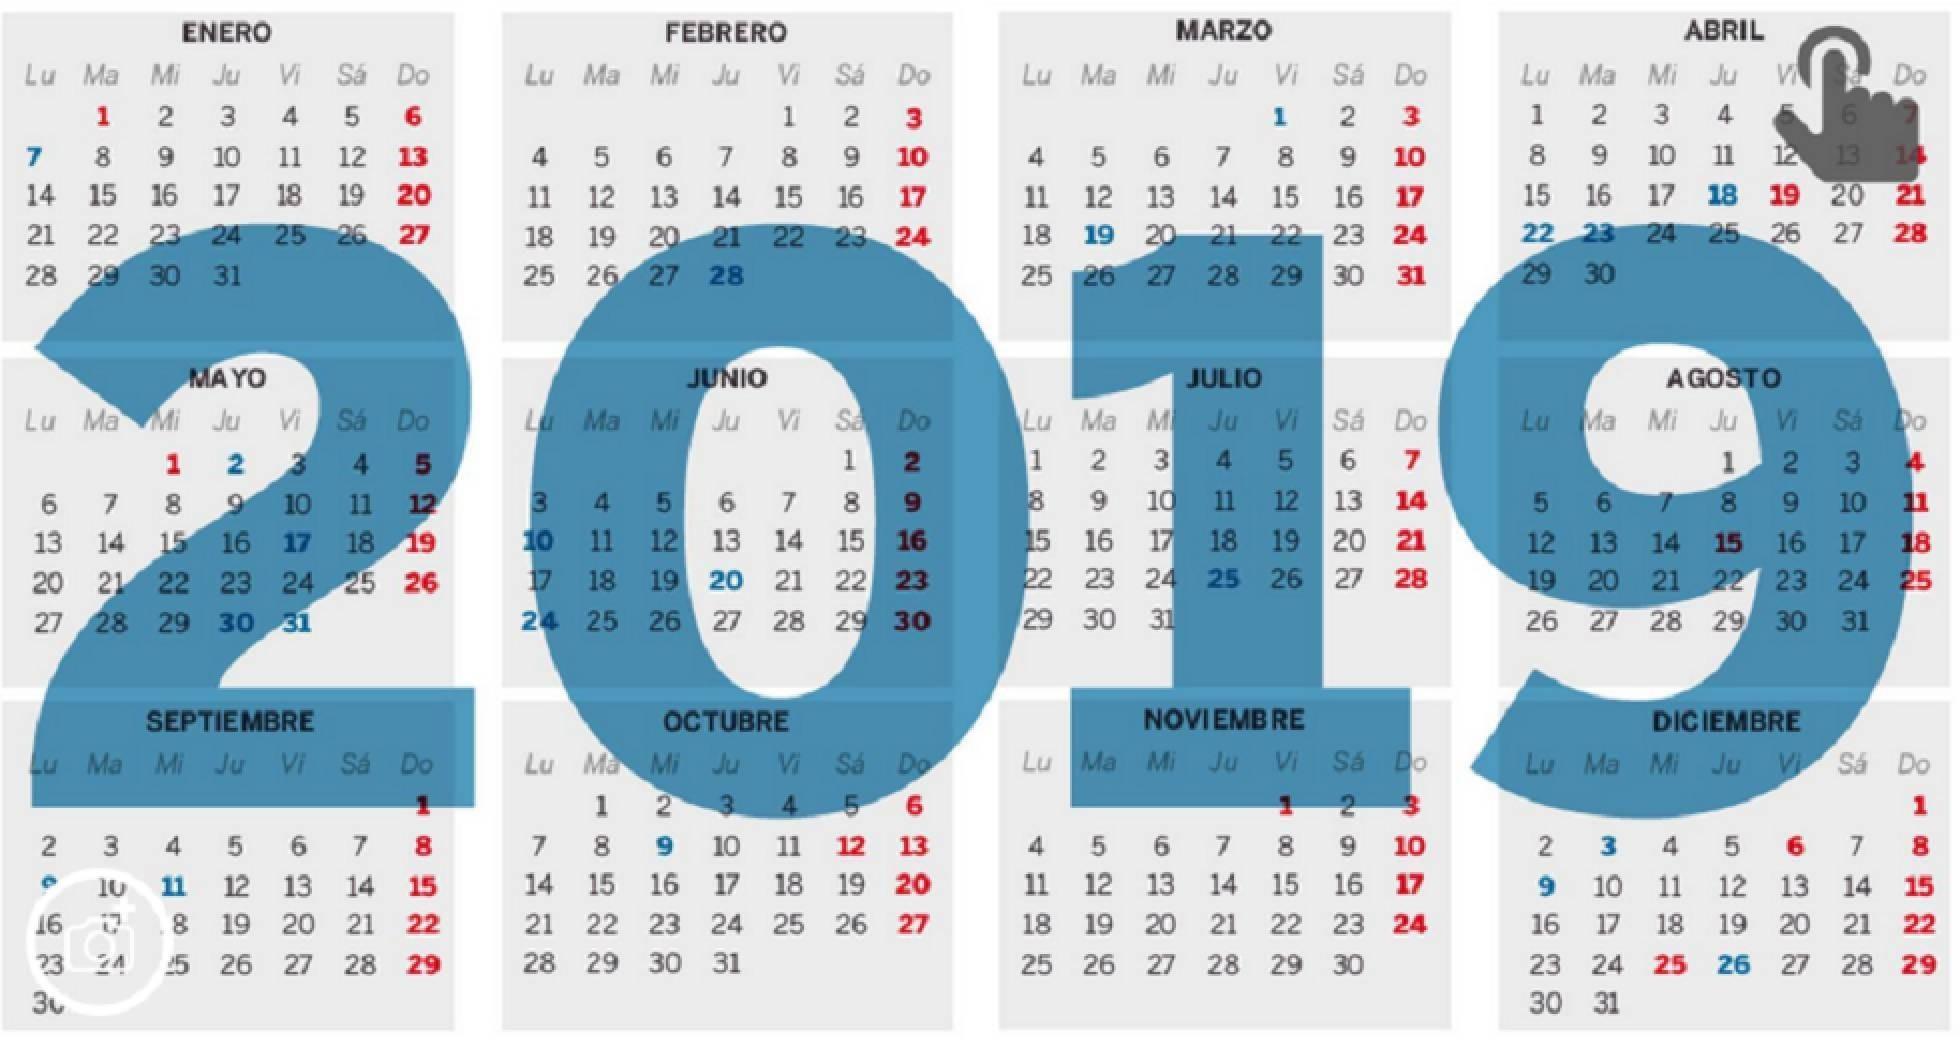 Calendario Dias Festivos andalucia 2019 Más Arriba-a-fecha Verificar Calendario 2019 Con Festivos En andalucia Of Calendario Dias Festivos andalucia 2019 Más Recientemente Liberado Calendario Dr 2019 Enero De 2019 Calendario Gratis Calendario De